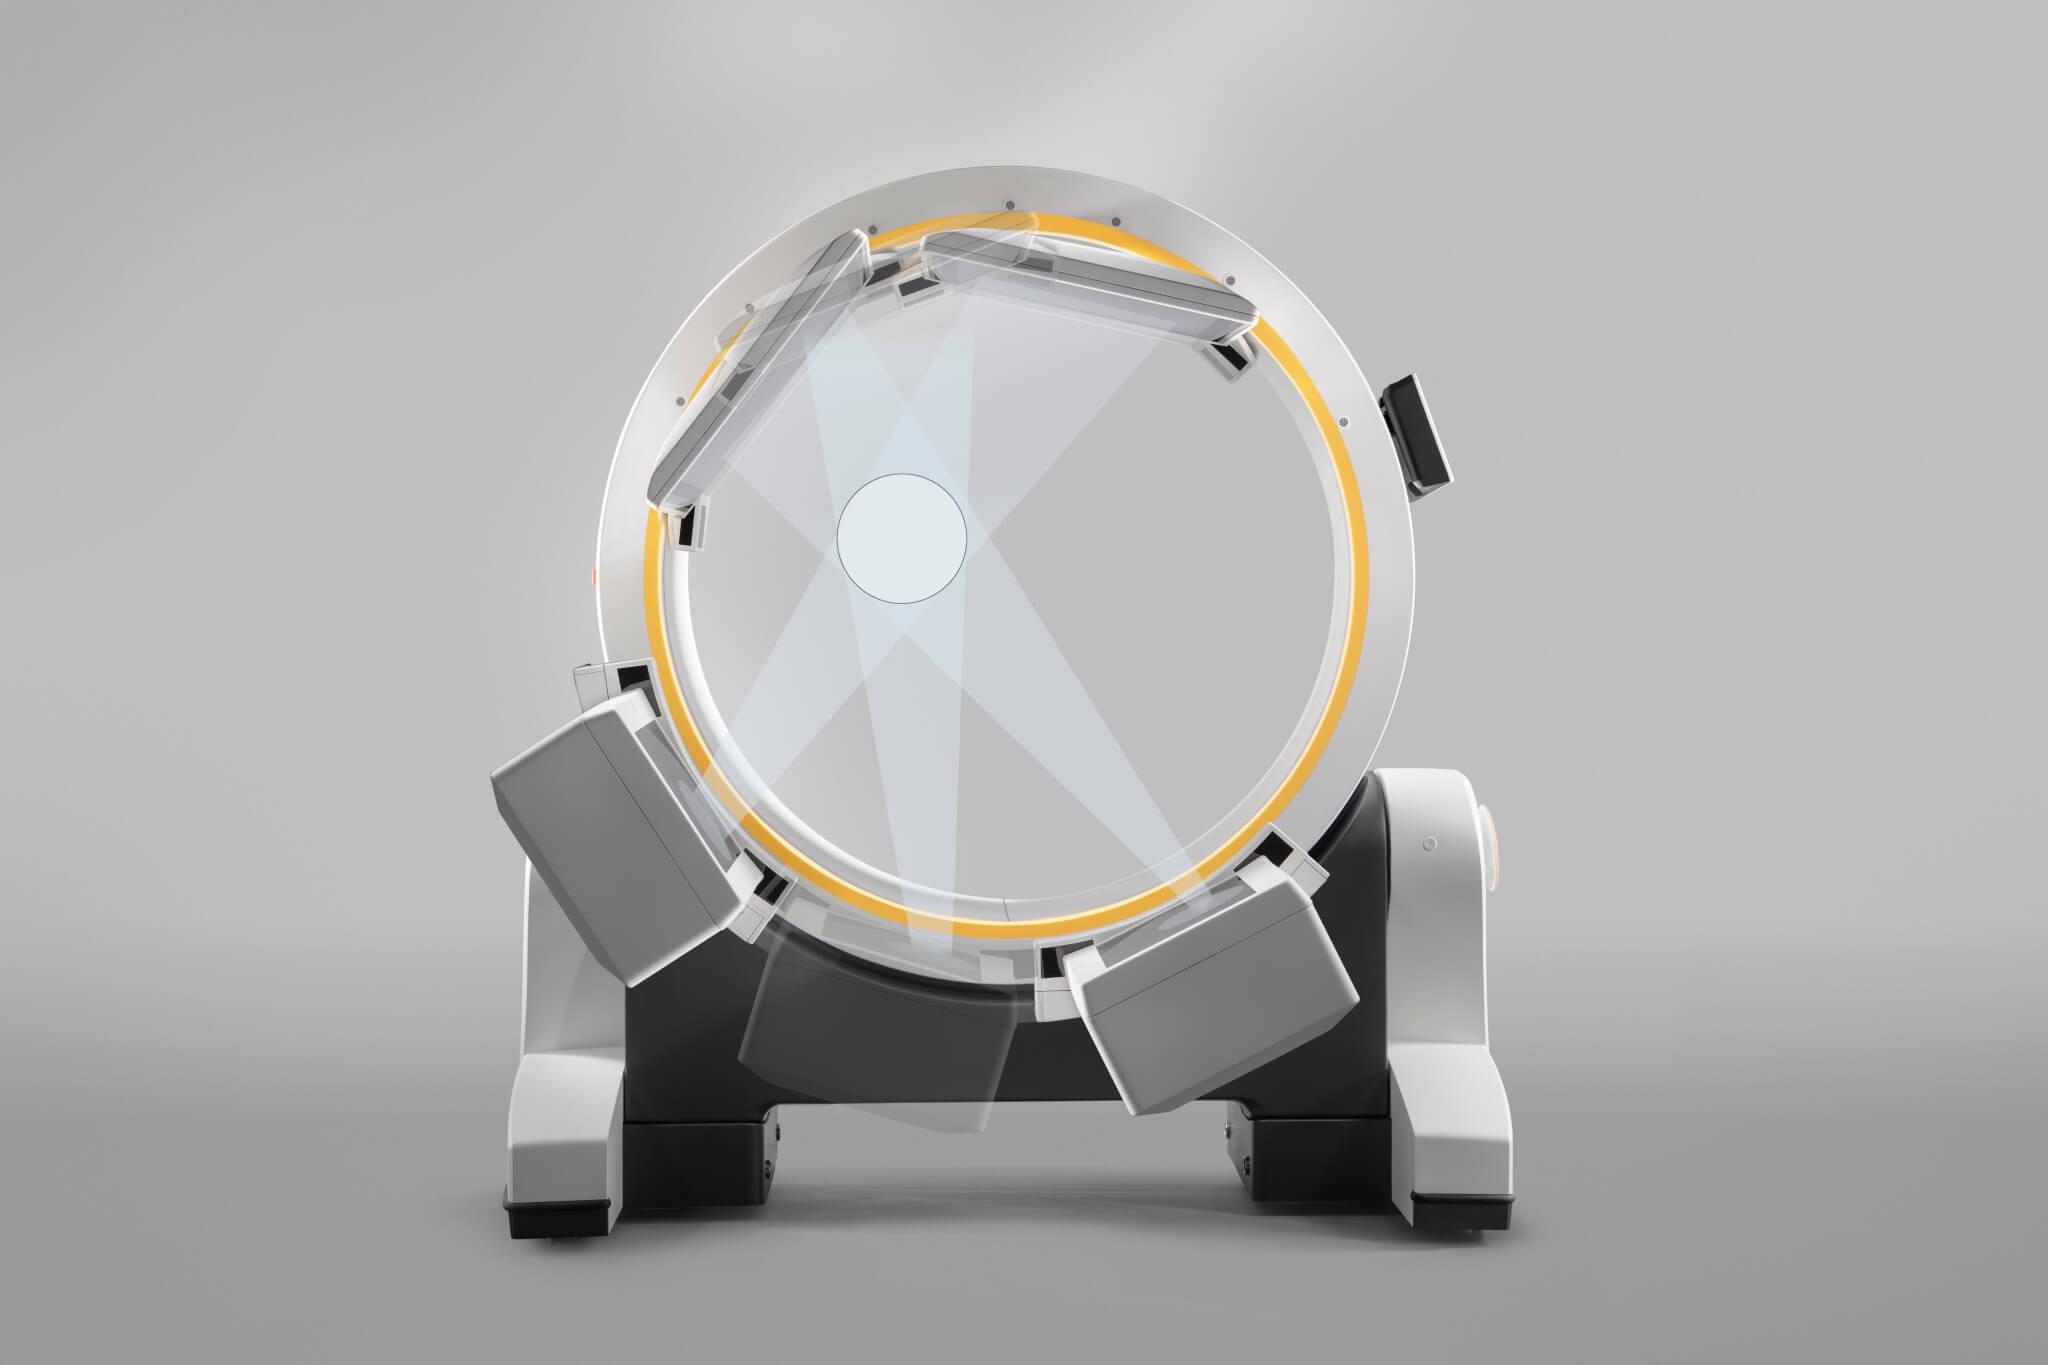 Brainlab Loop-X conebeam-ct non-isocentric imaging